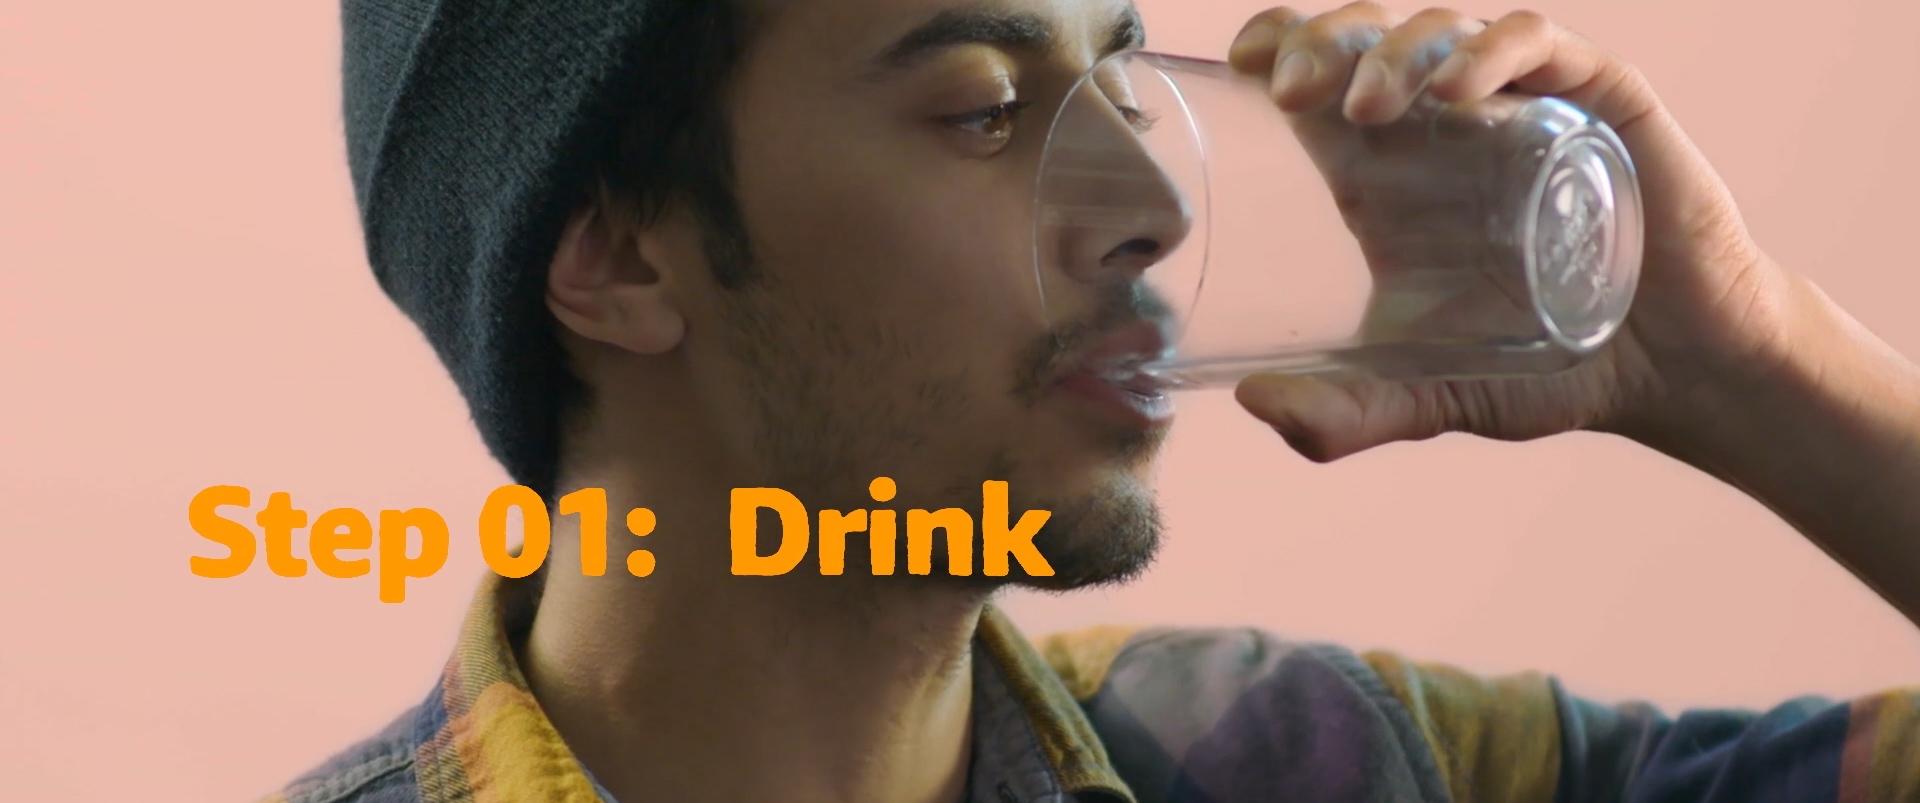 amazon_drink.jpg